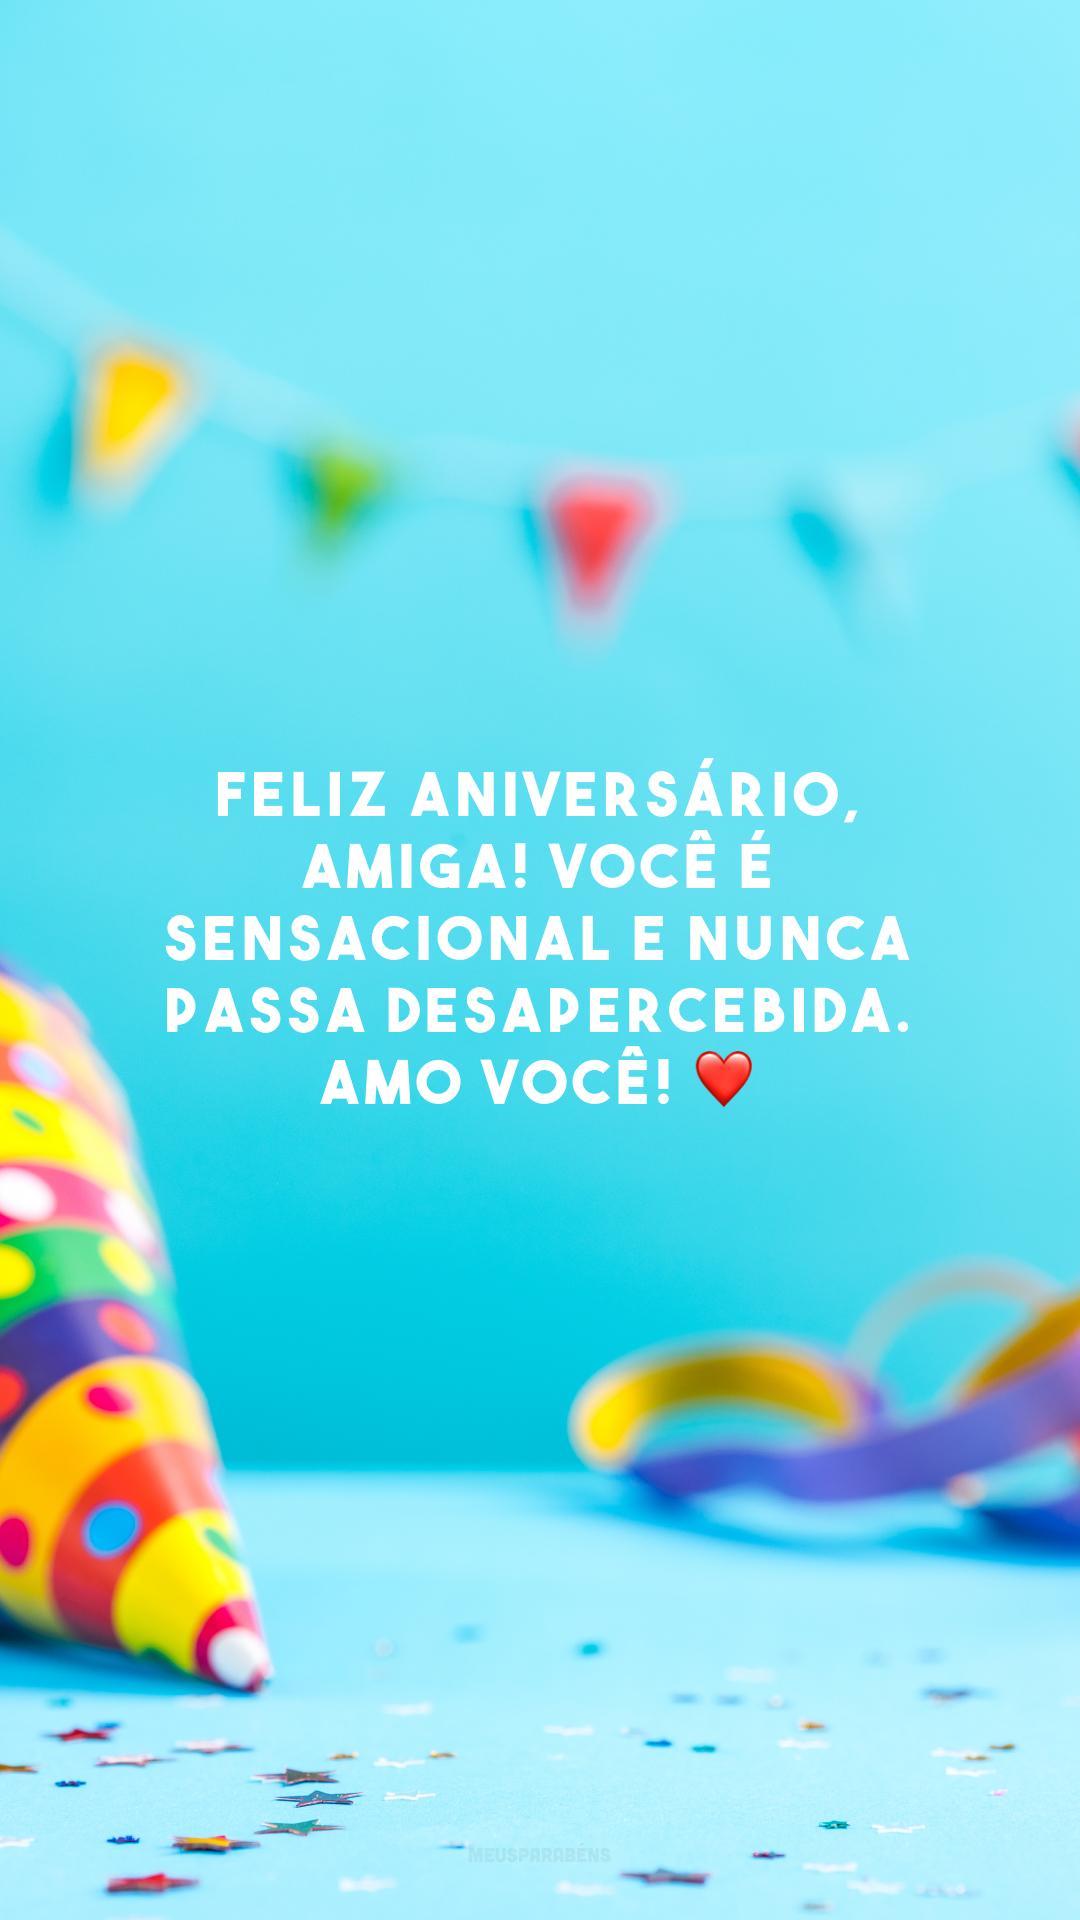 Feliz aniversário, amiga! Você é sensacional e nunca passa desapercebida. Amo você! ❤️